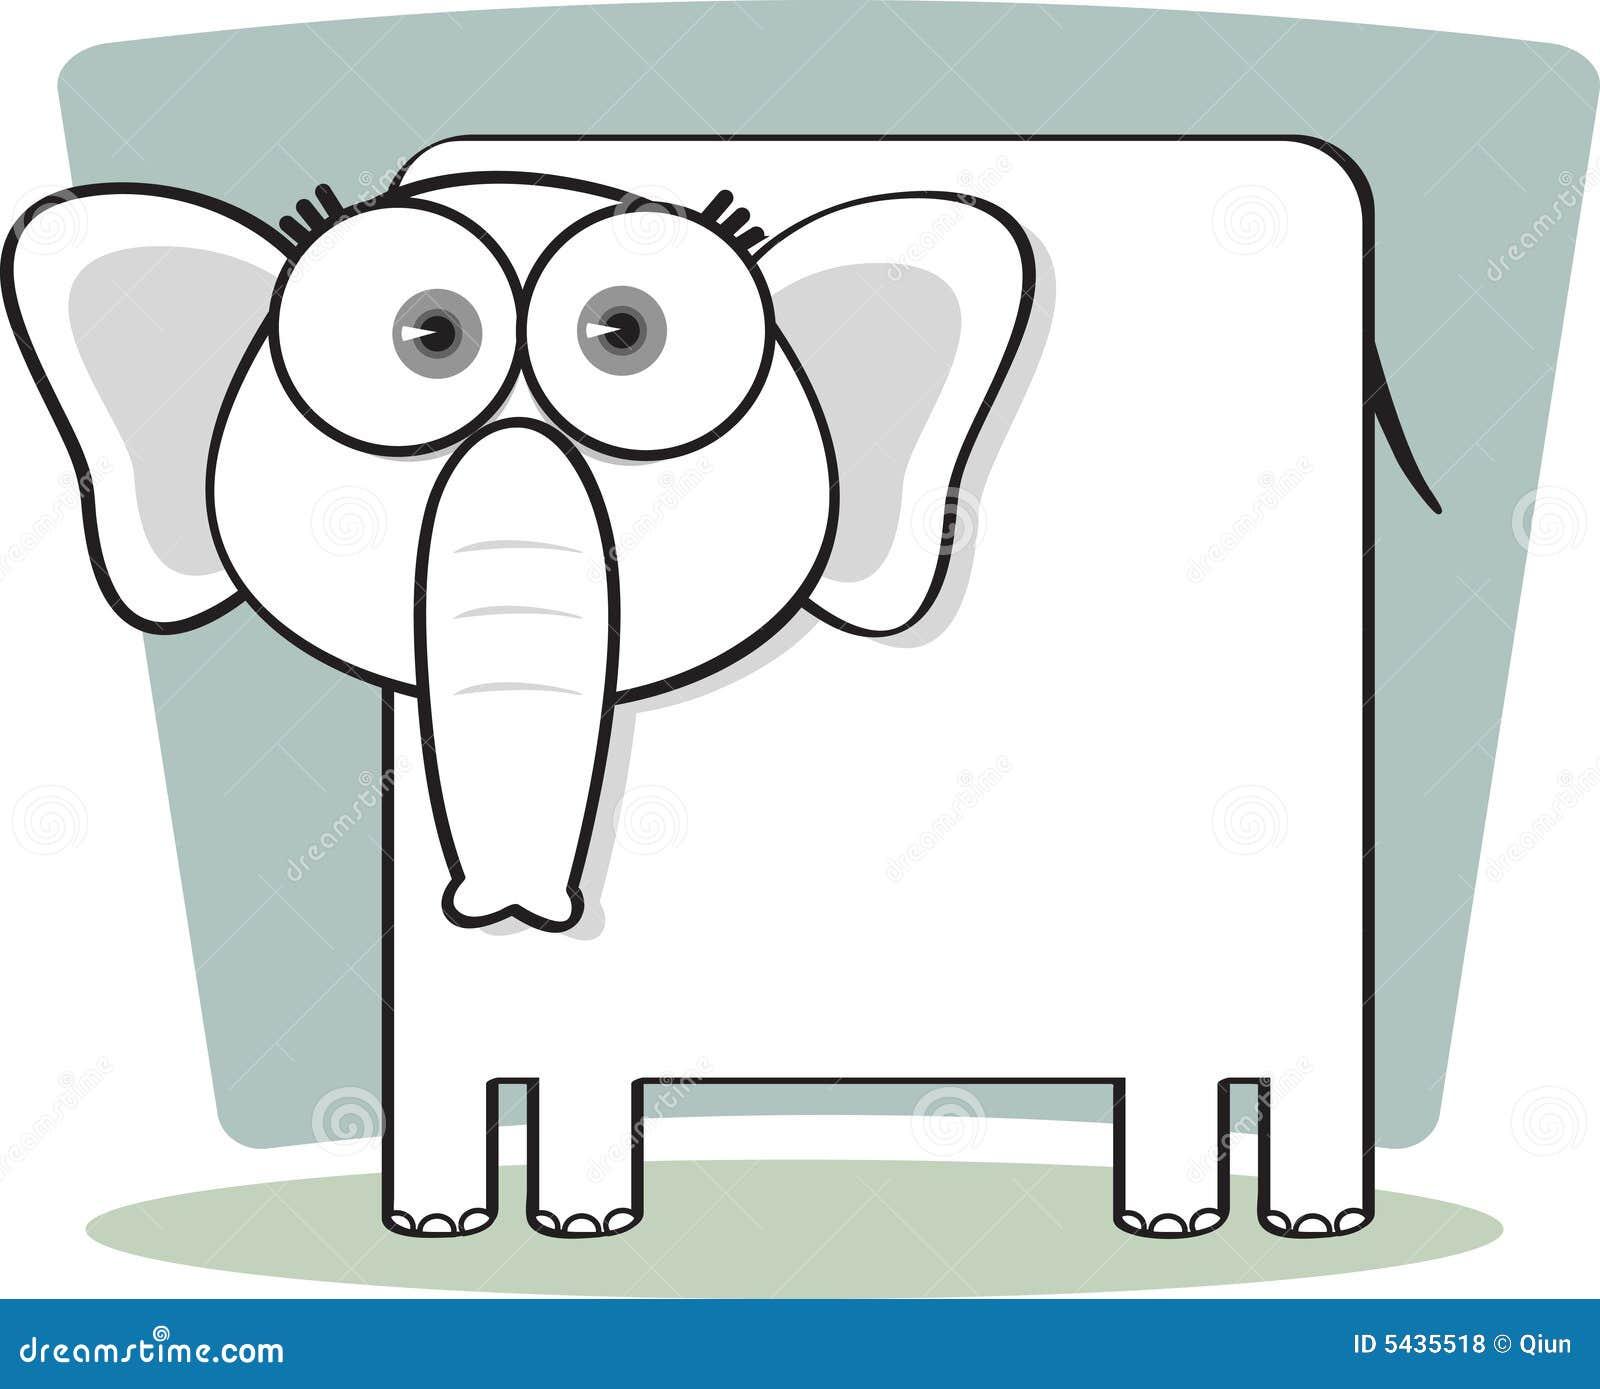 Dessin Anim Noir Et Blanc: Éléphant De Dessin Animé En Noir Et Blanc Illustration De